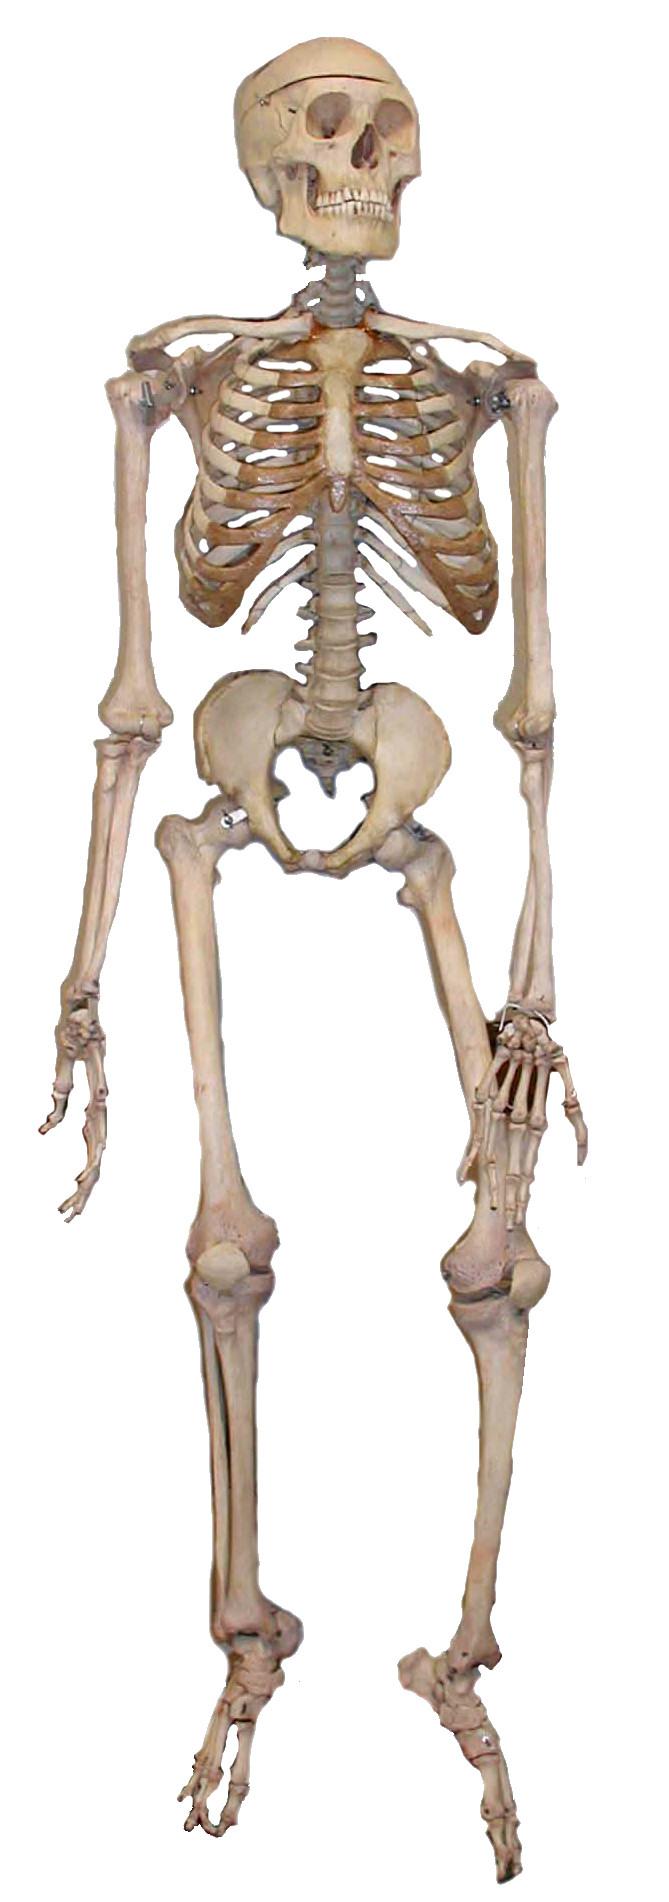 Human anatomy   Psychology Wiki   FANDOM powered by Wikia